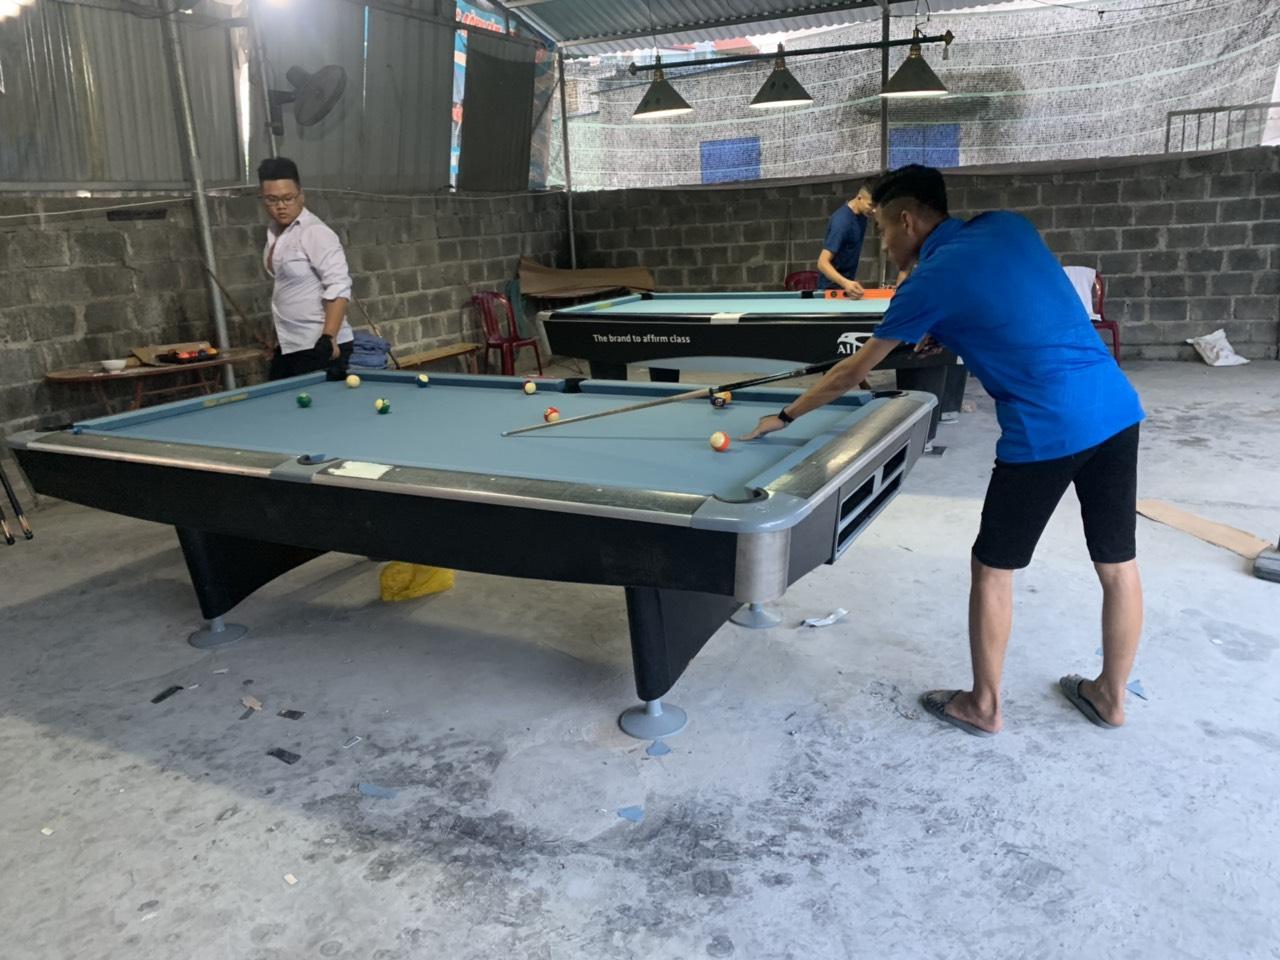 Billiards Hoàn Thúy lắp đặt 2 bàn bi a 9017 và seri 4 nhập lướt tại Thuỷ Nguyên, Hải Phòng